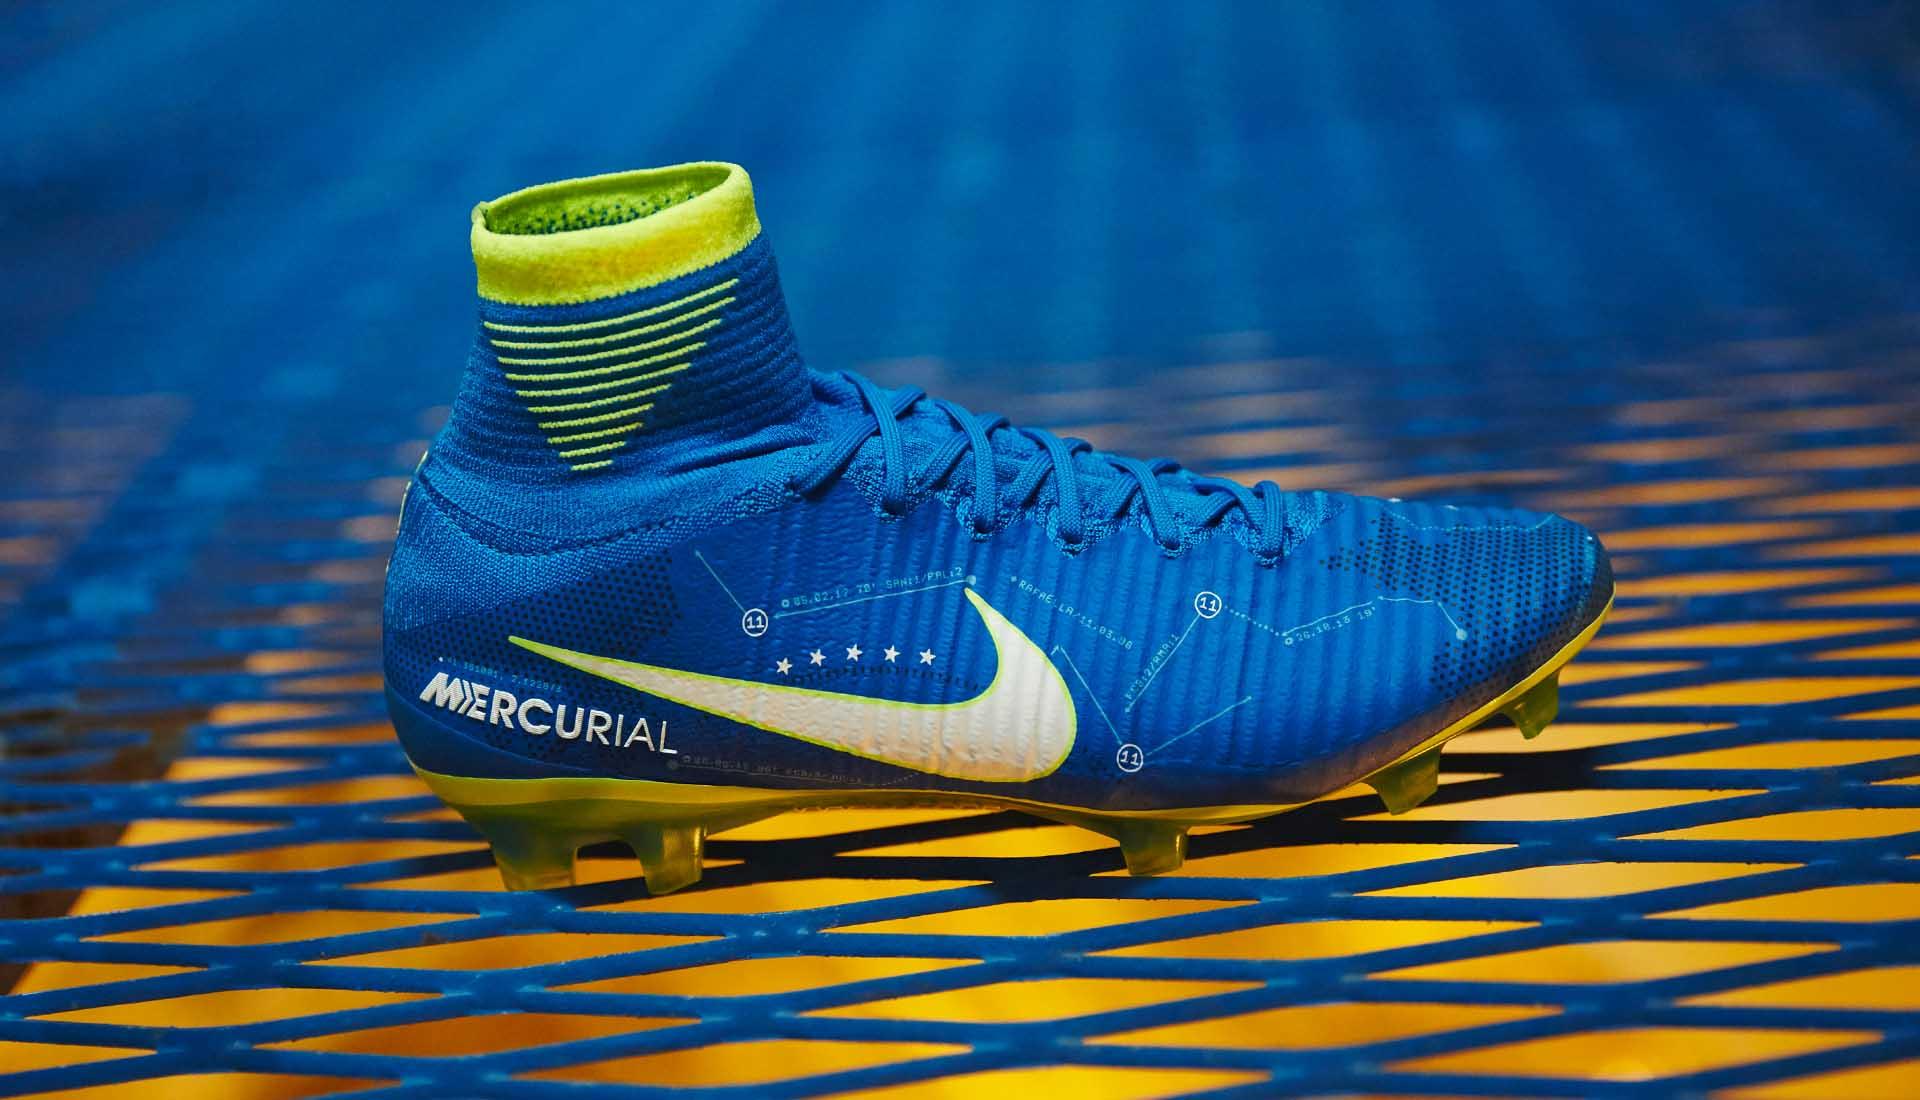 Stars Mercurial In La Focus Collection Nike Sur The Written Neymar W2EYHI9D